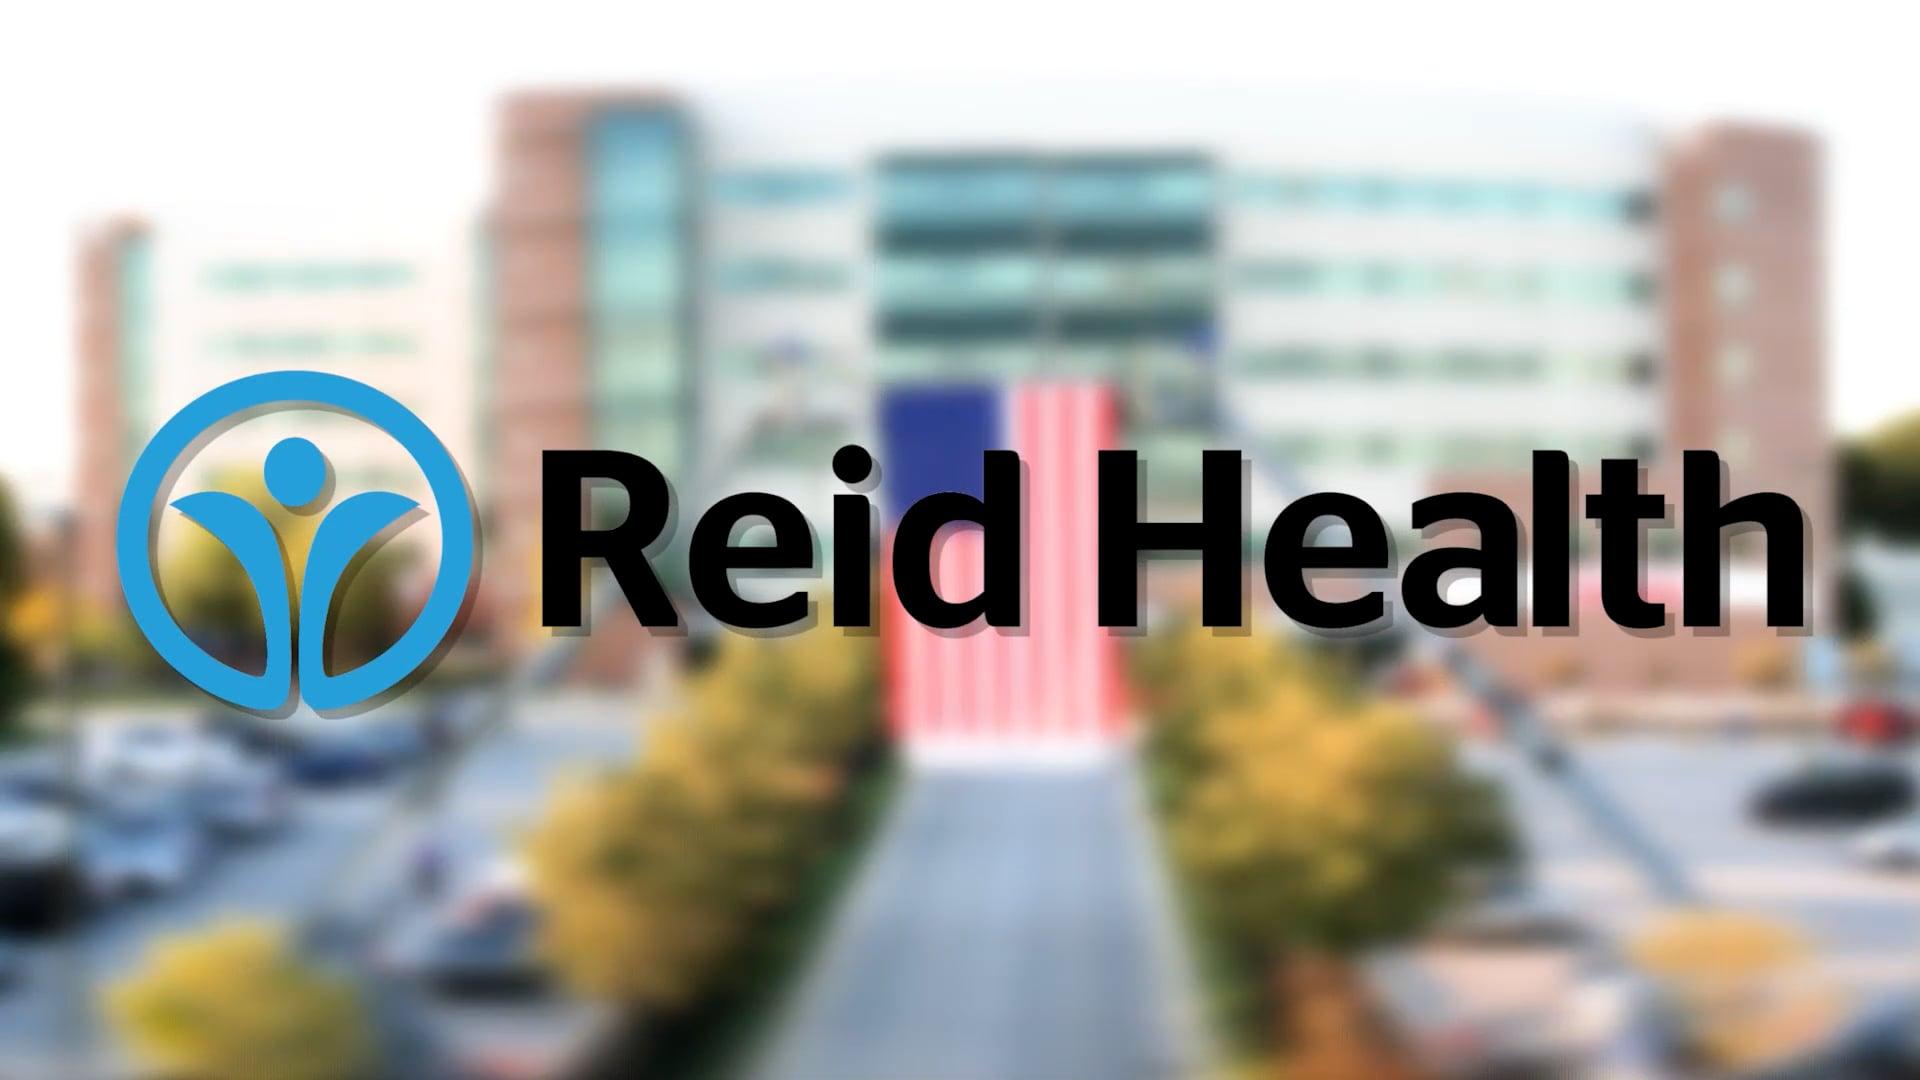 Reid Health 'In Honor of Those We Lost'